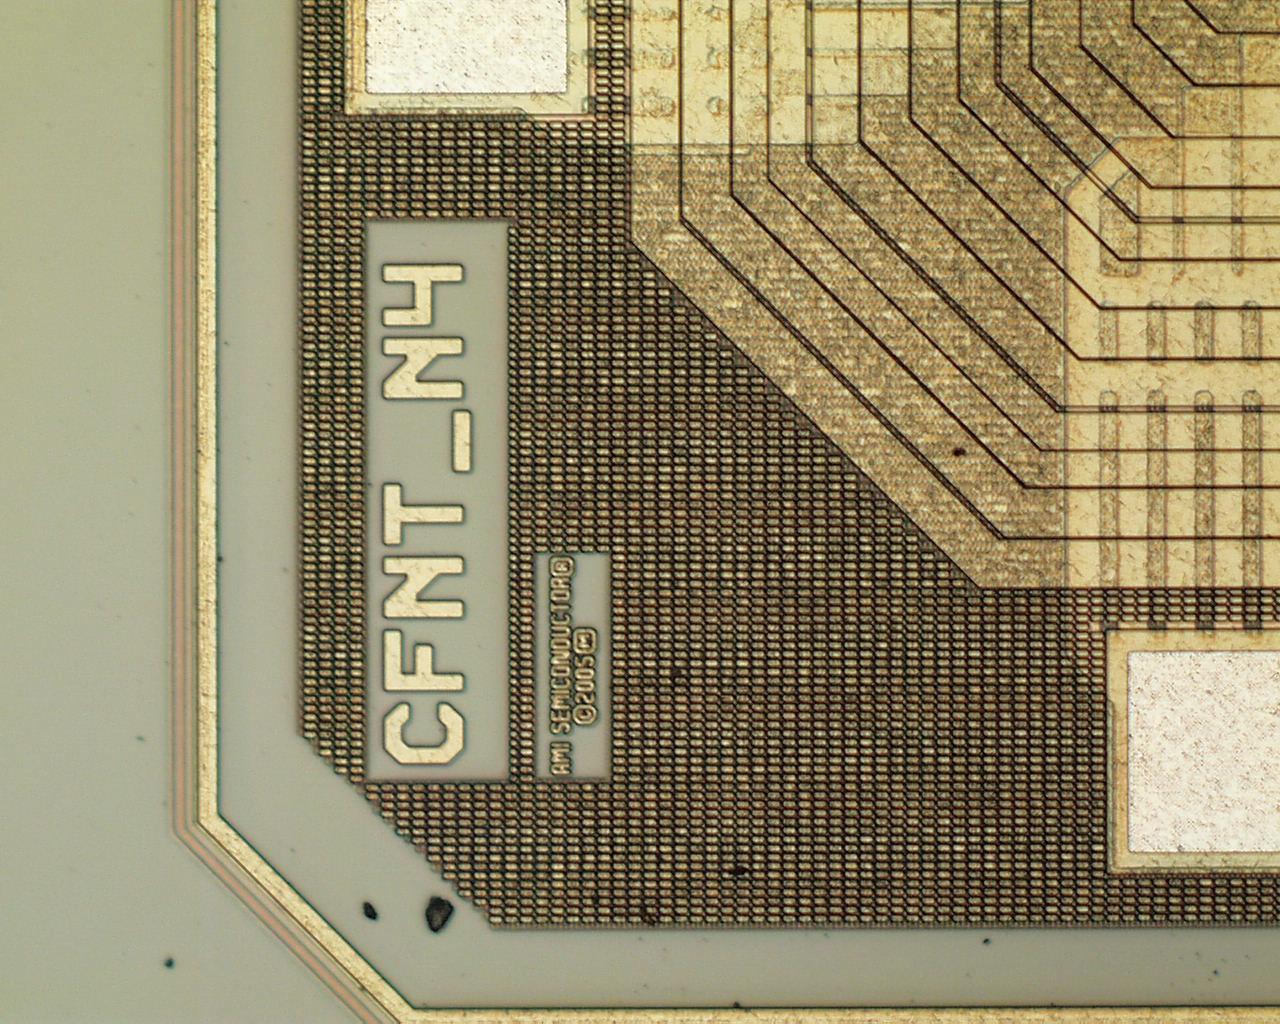 Testing of ICs